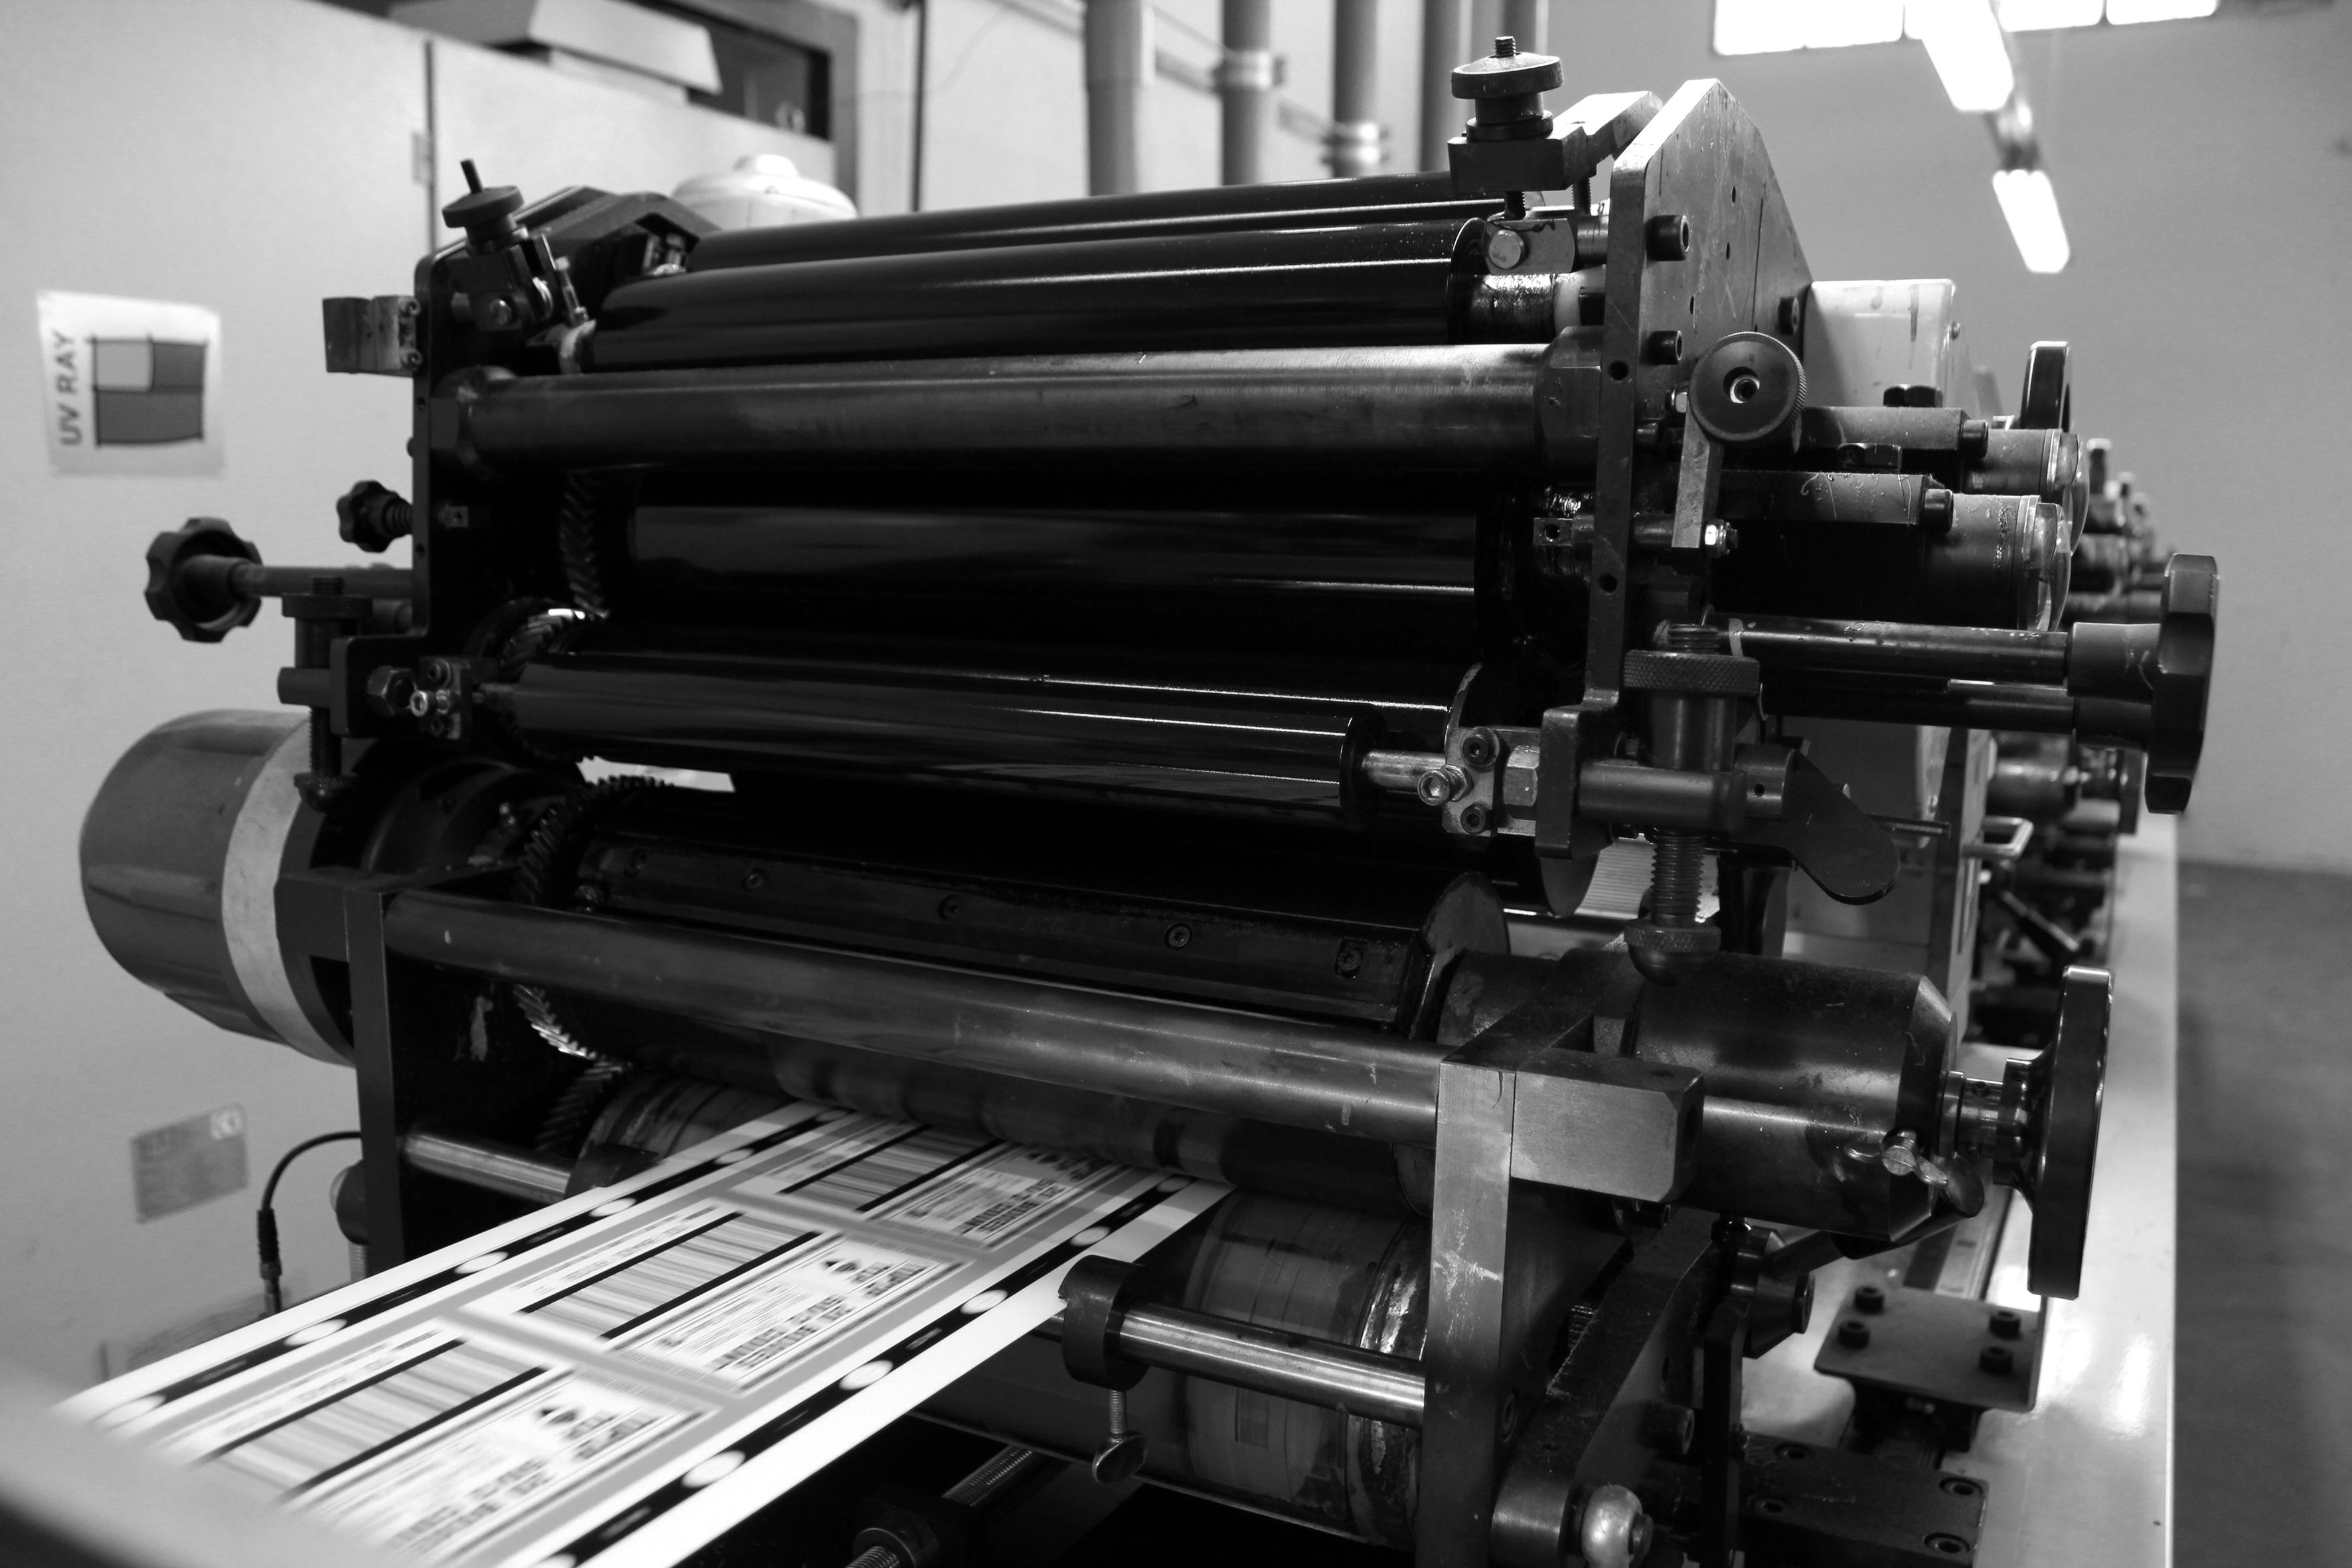 imprimerie,dubon,perpignan,66, machine,ligne